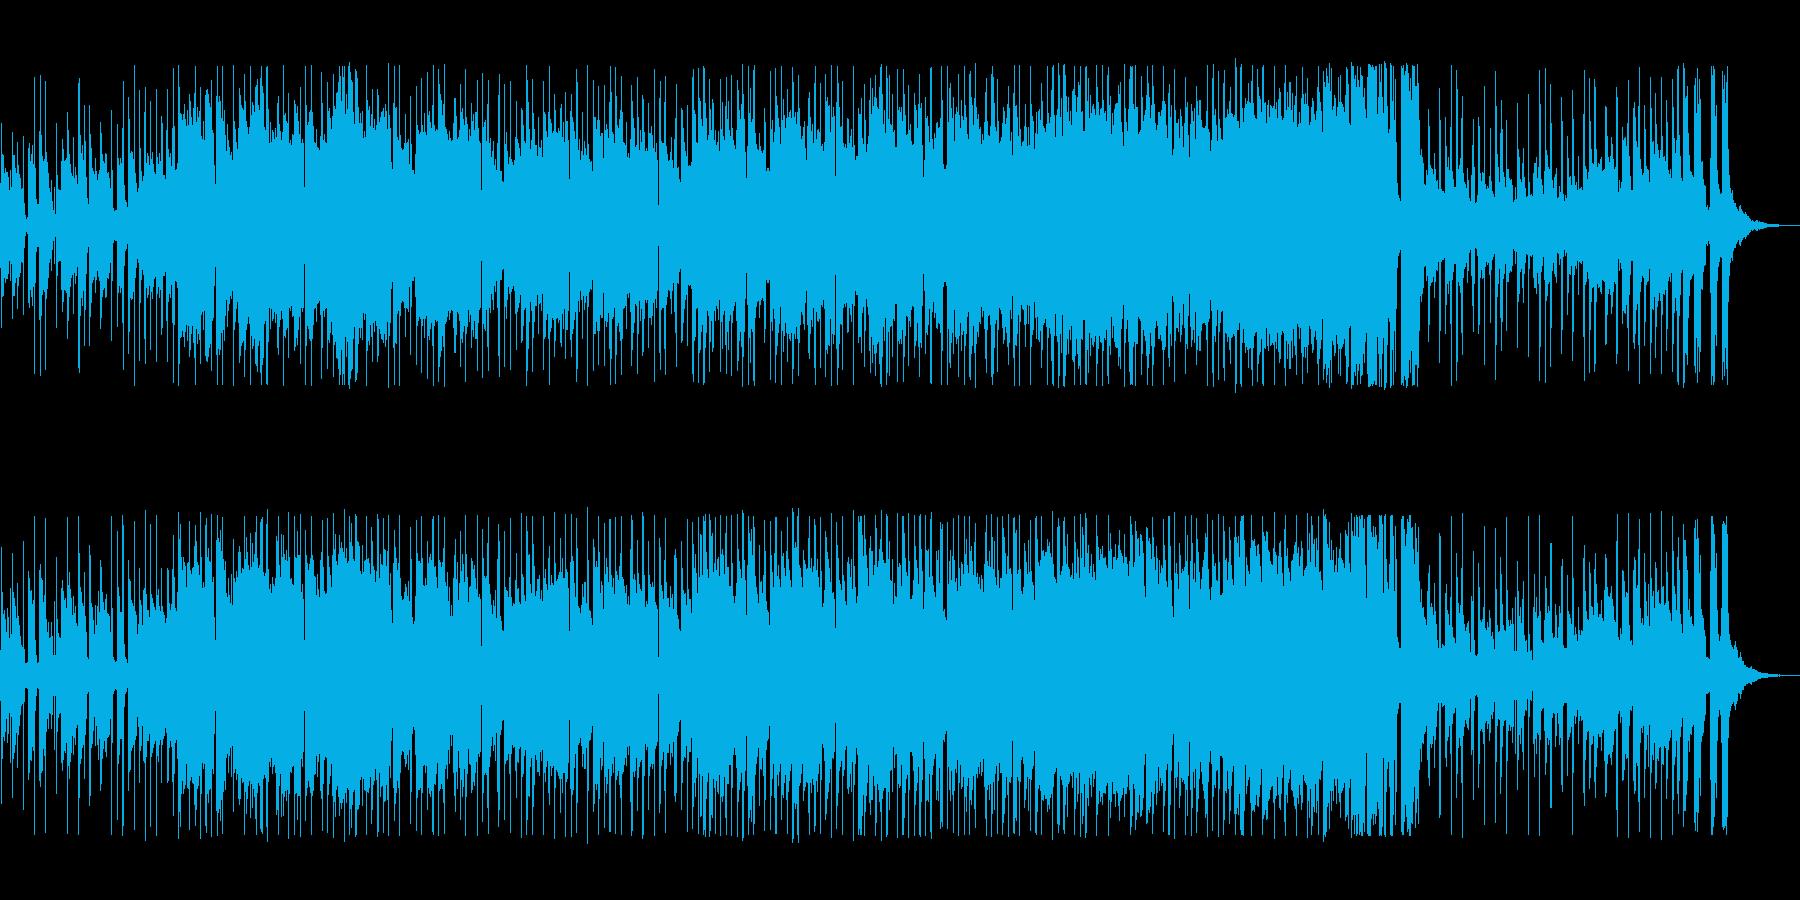 南国風の爽やかなピアノジャズの再生済みの波形